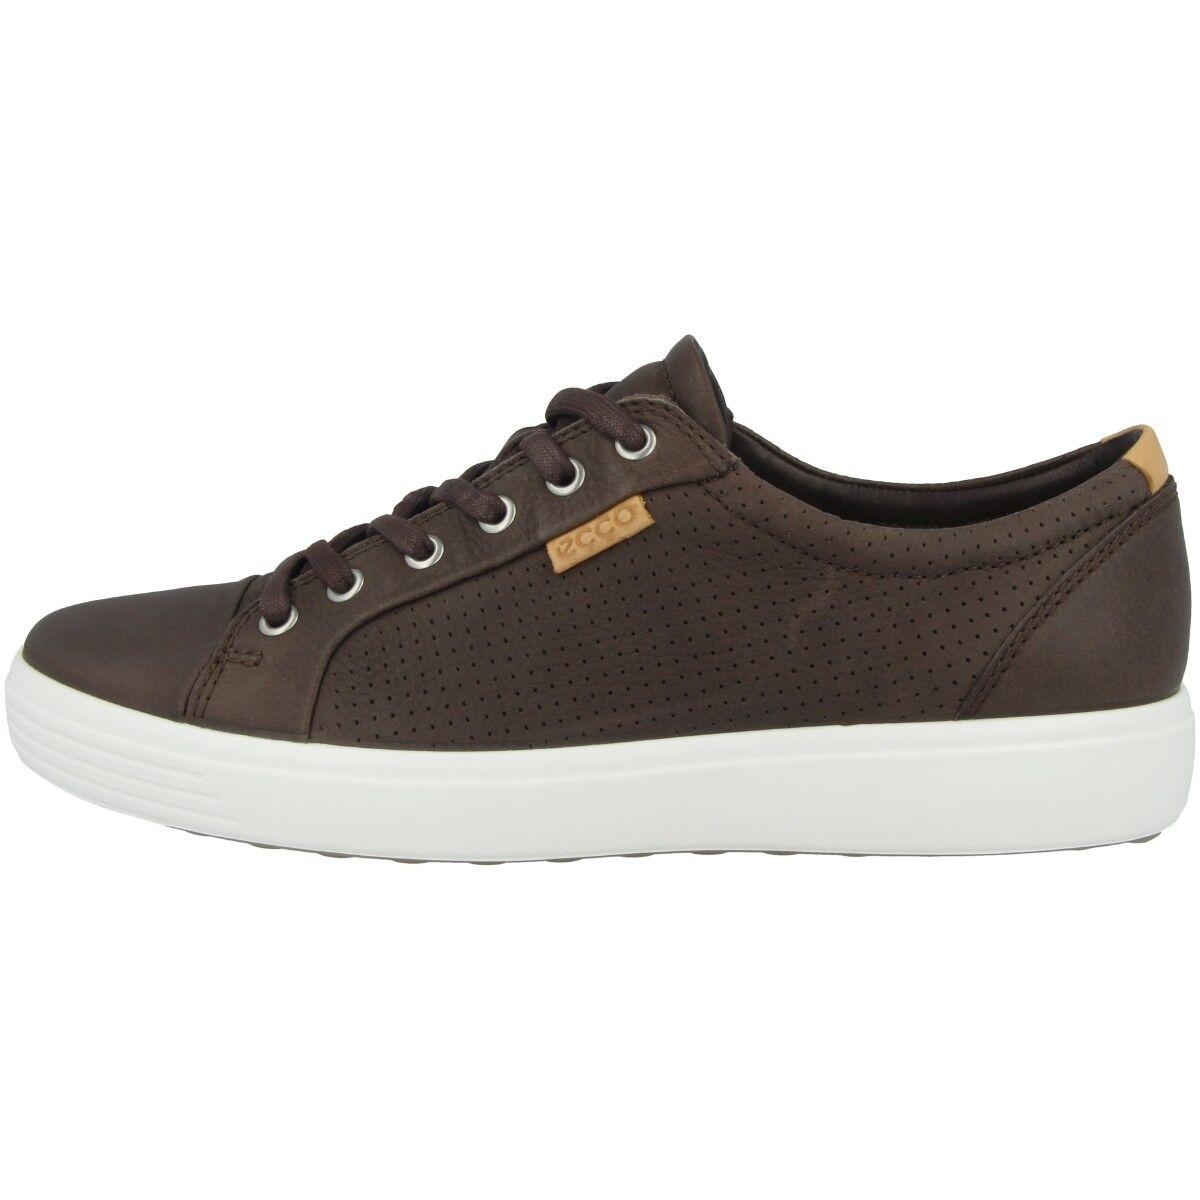 Ecco Soft 7 Men Schuhe Herren Sneaker Halbschuh Leder coffee 430104-02072